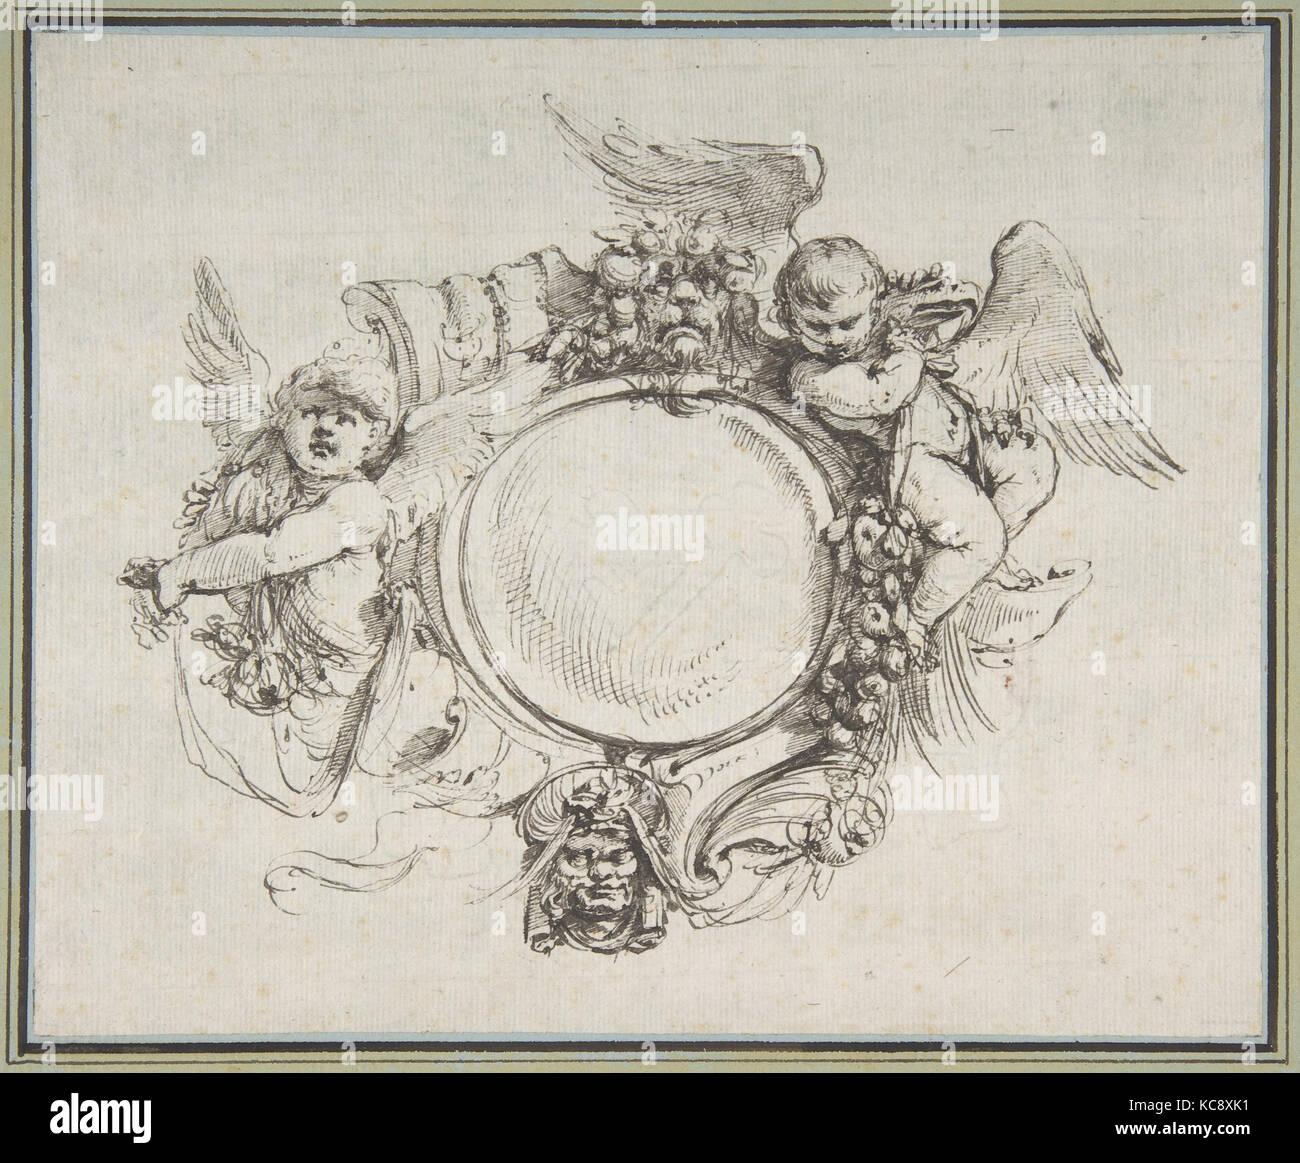 Design per un cartiglio con una variante, Carlo Bianconi, 1732-1802 Foto Stock